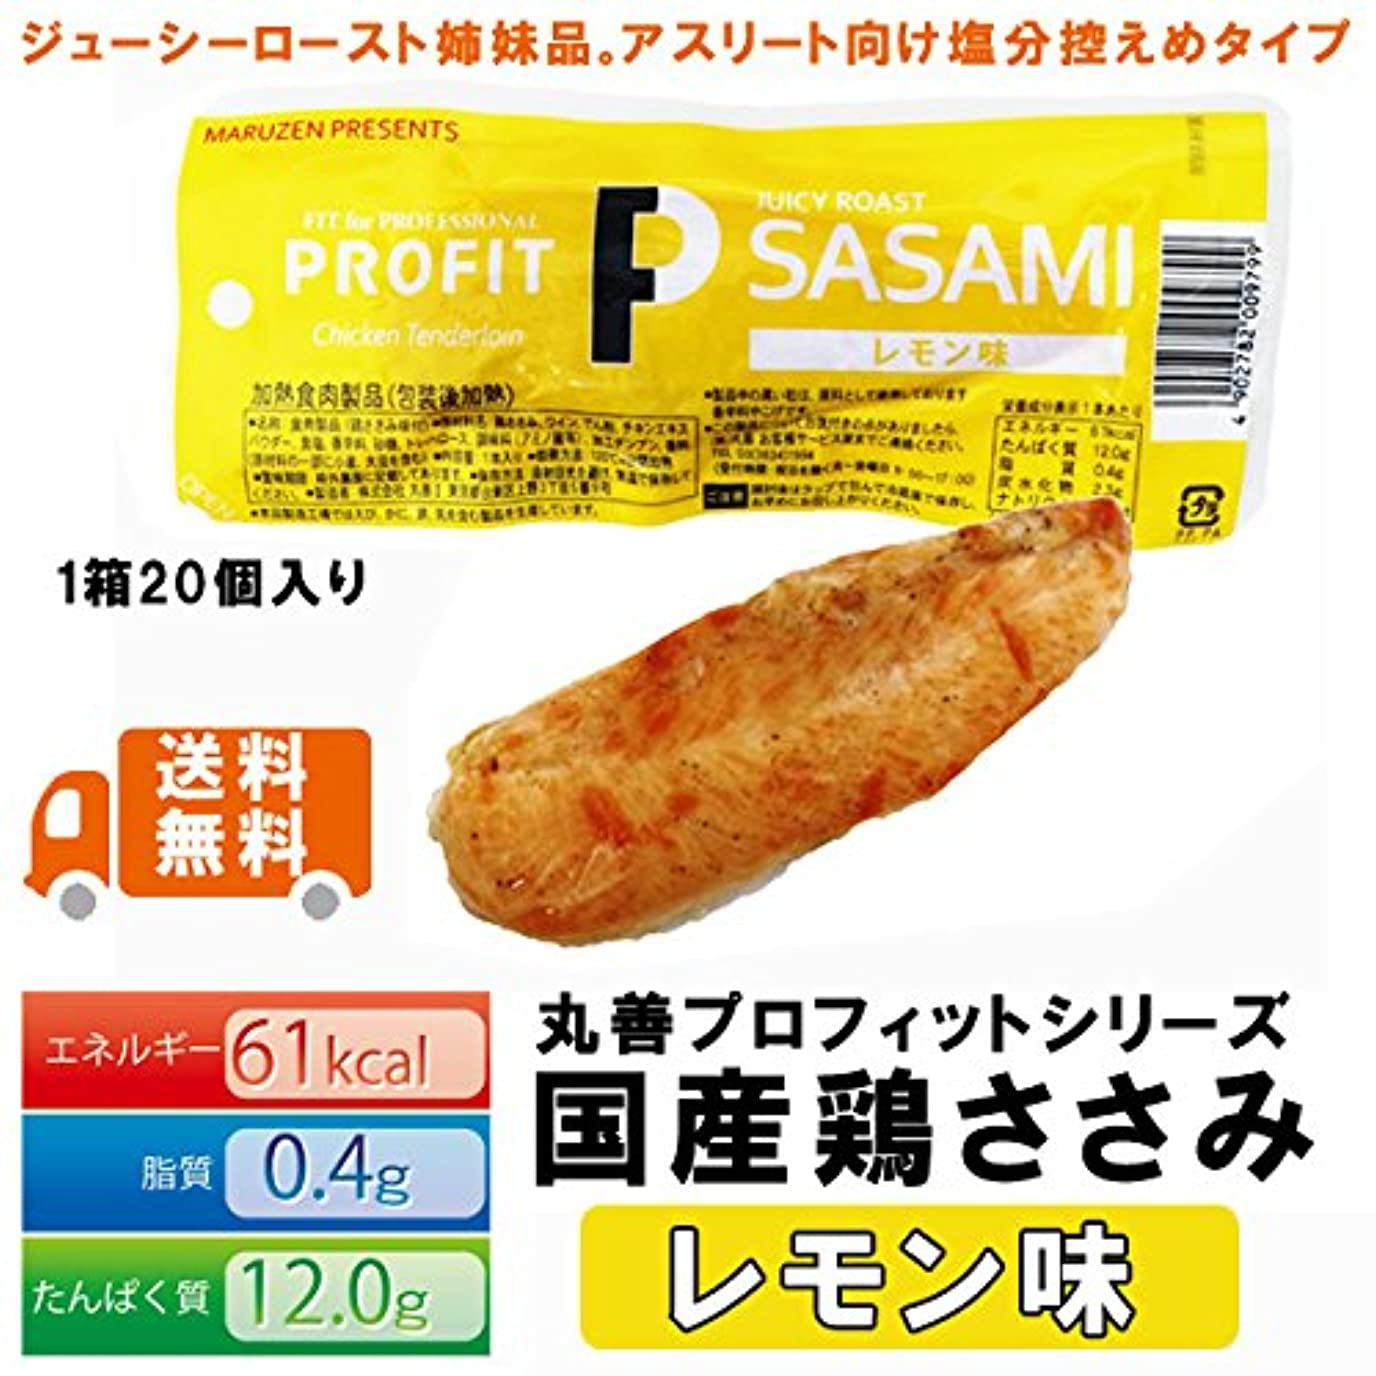 と温室下向き丸善 PRO-FIT プロフィットささみ 鶏ささみ レモン味 1箱20本入り